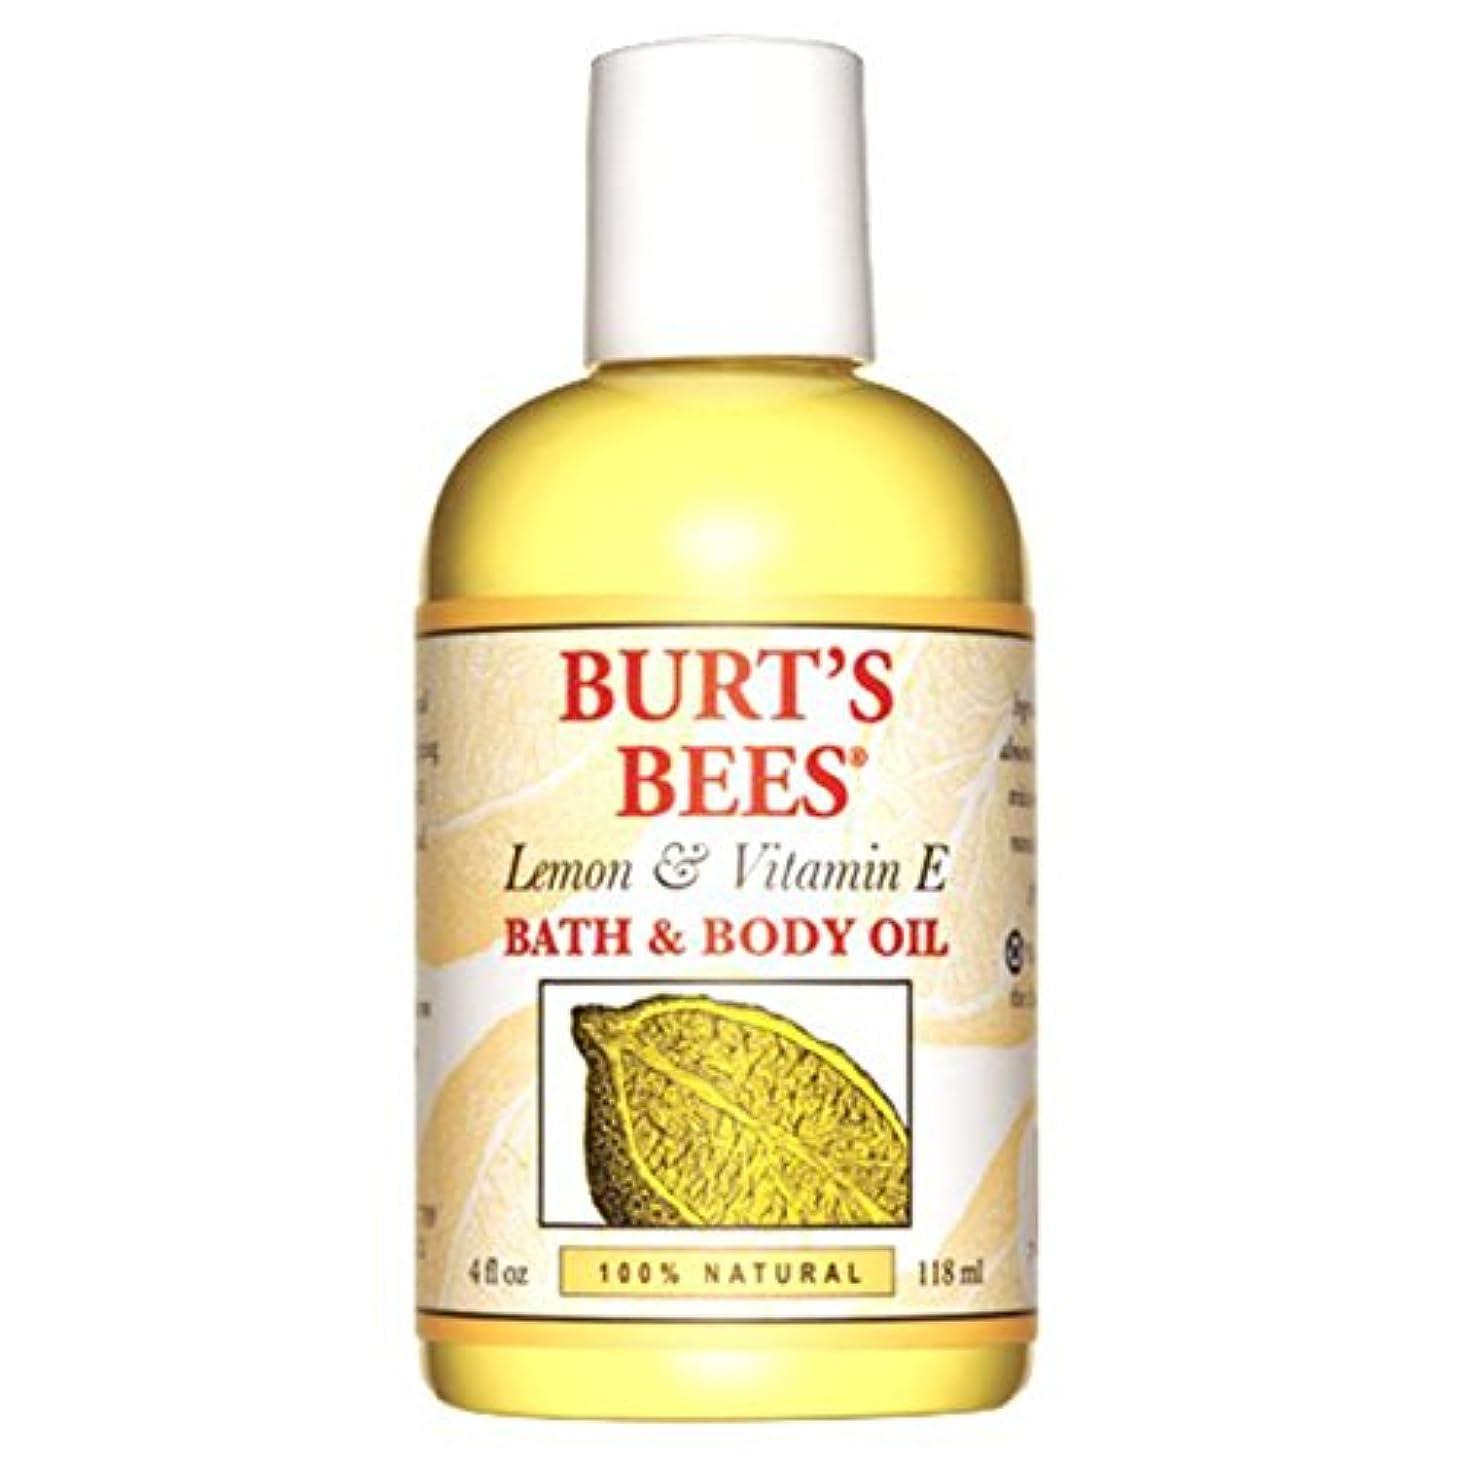 寛解華氏折バーツビーズ (Burt's Bees) L&E バス&ボディオイル 118ml